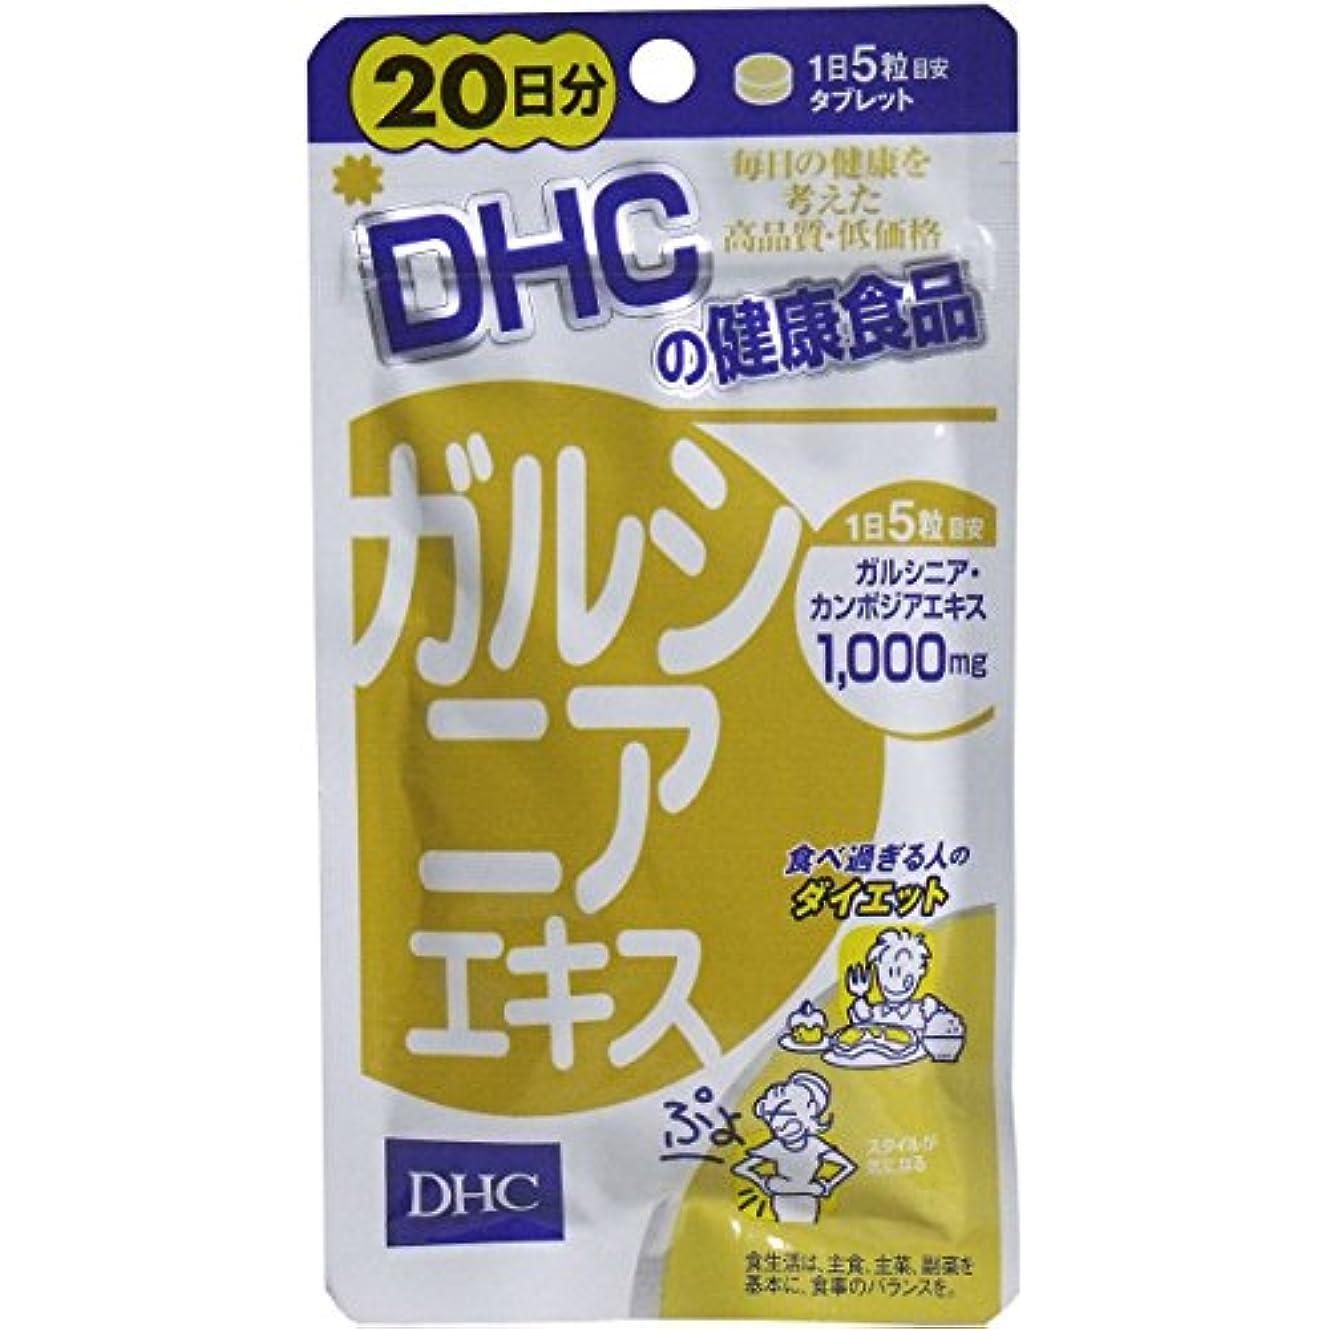 DHCガルシニアエキス 100錠